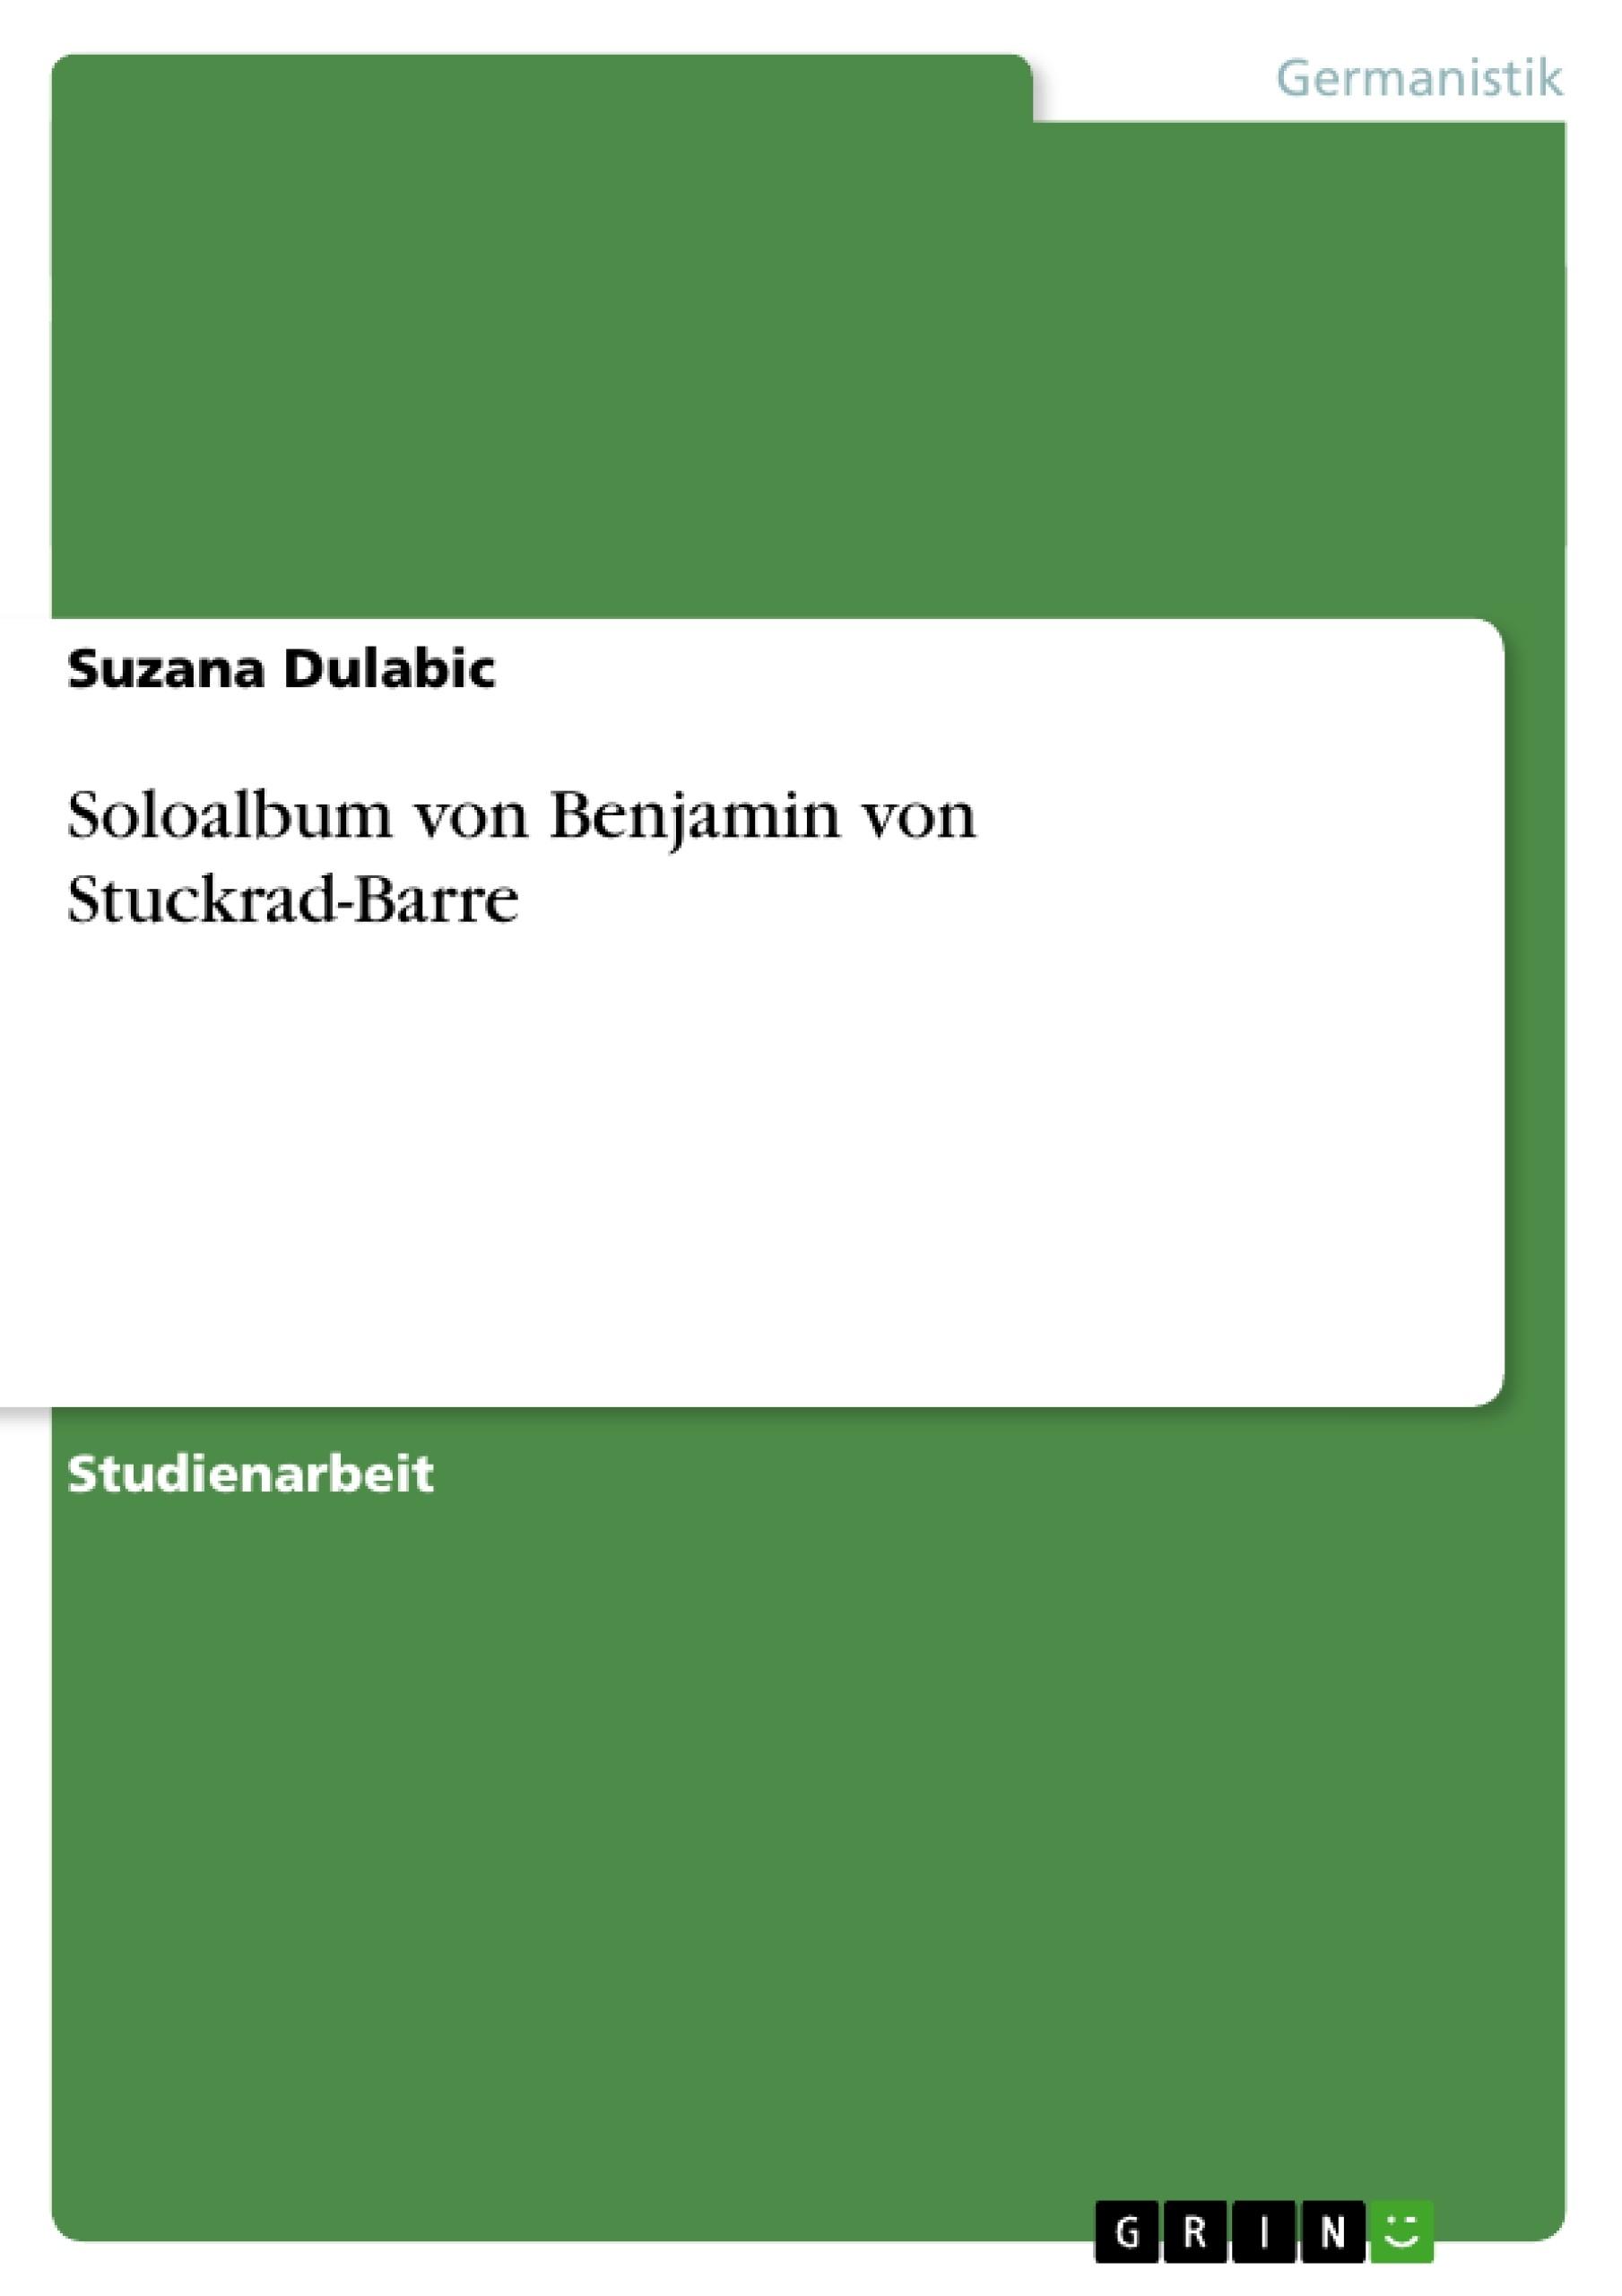 Titel: Soloalbum von Benjamin von Stuckrad-Barre